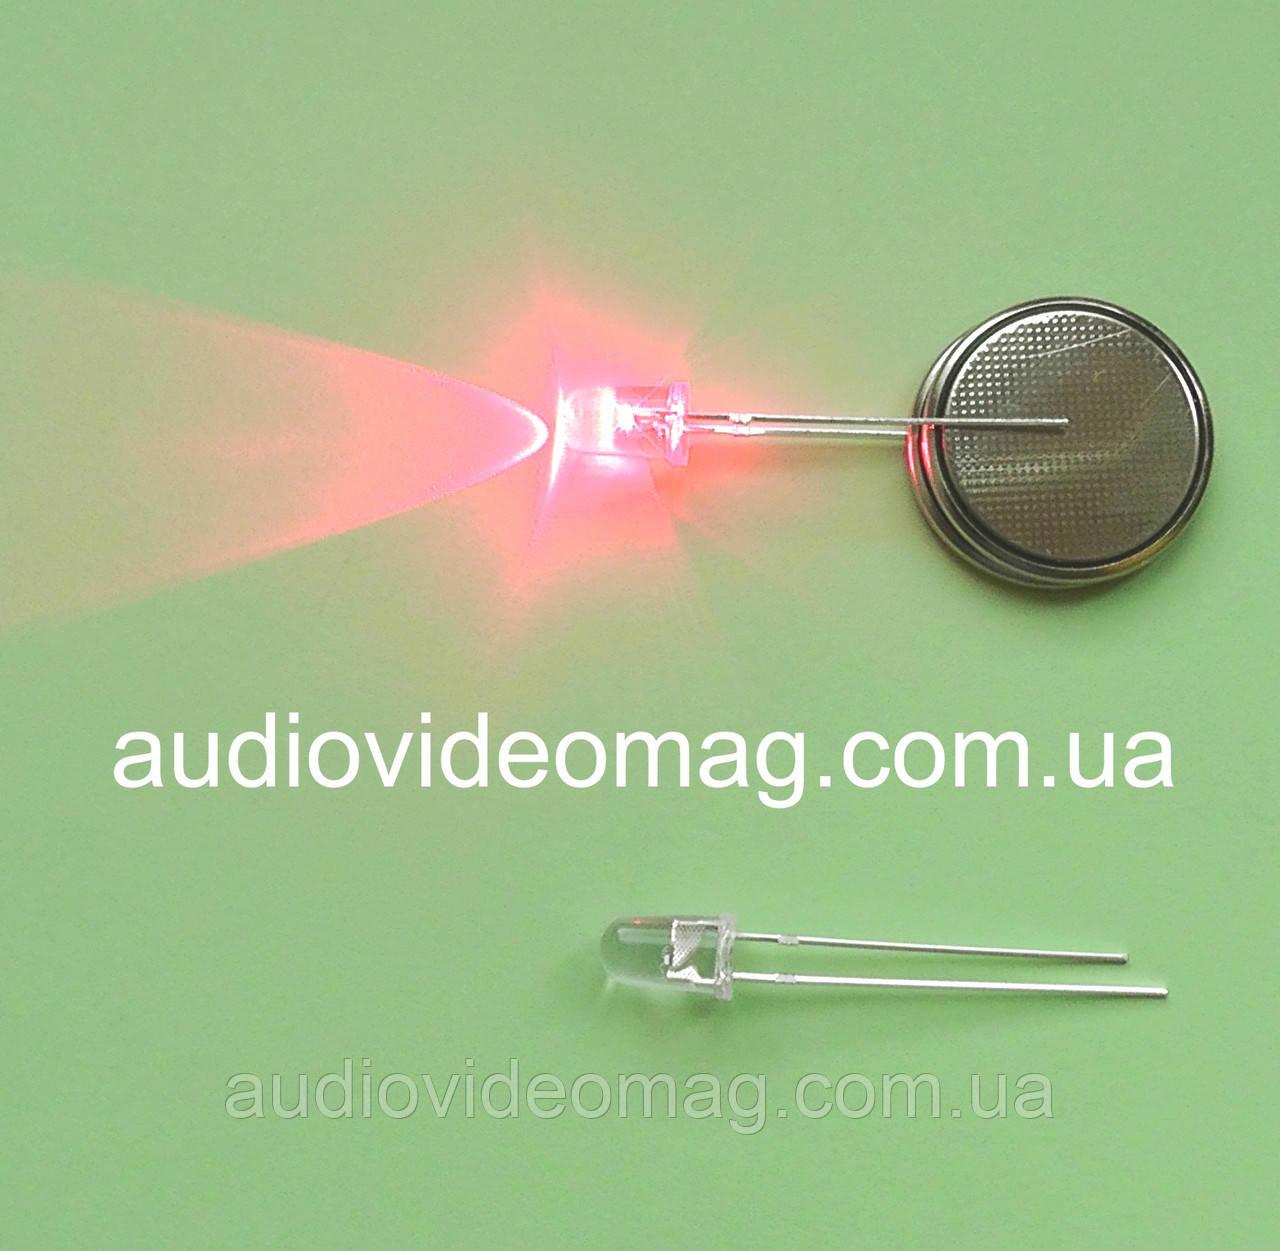 Светодиод 3V 5 мм мигающий, цвет красный